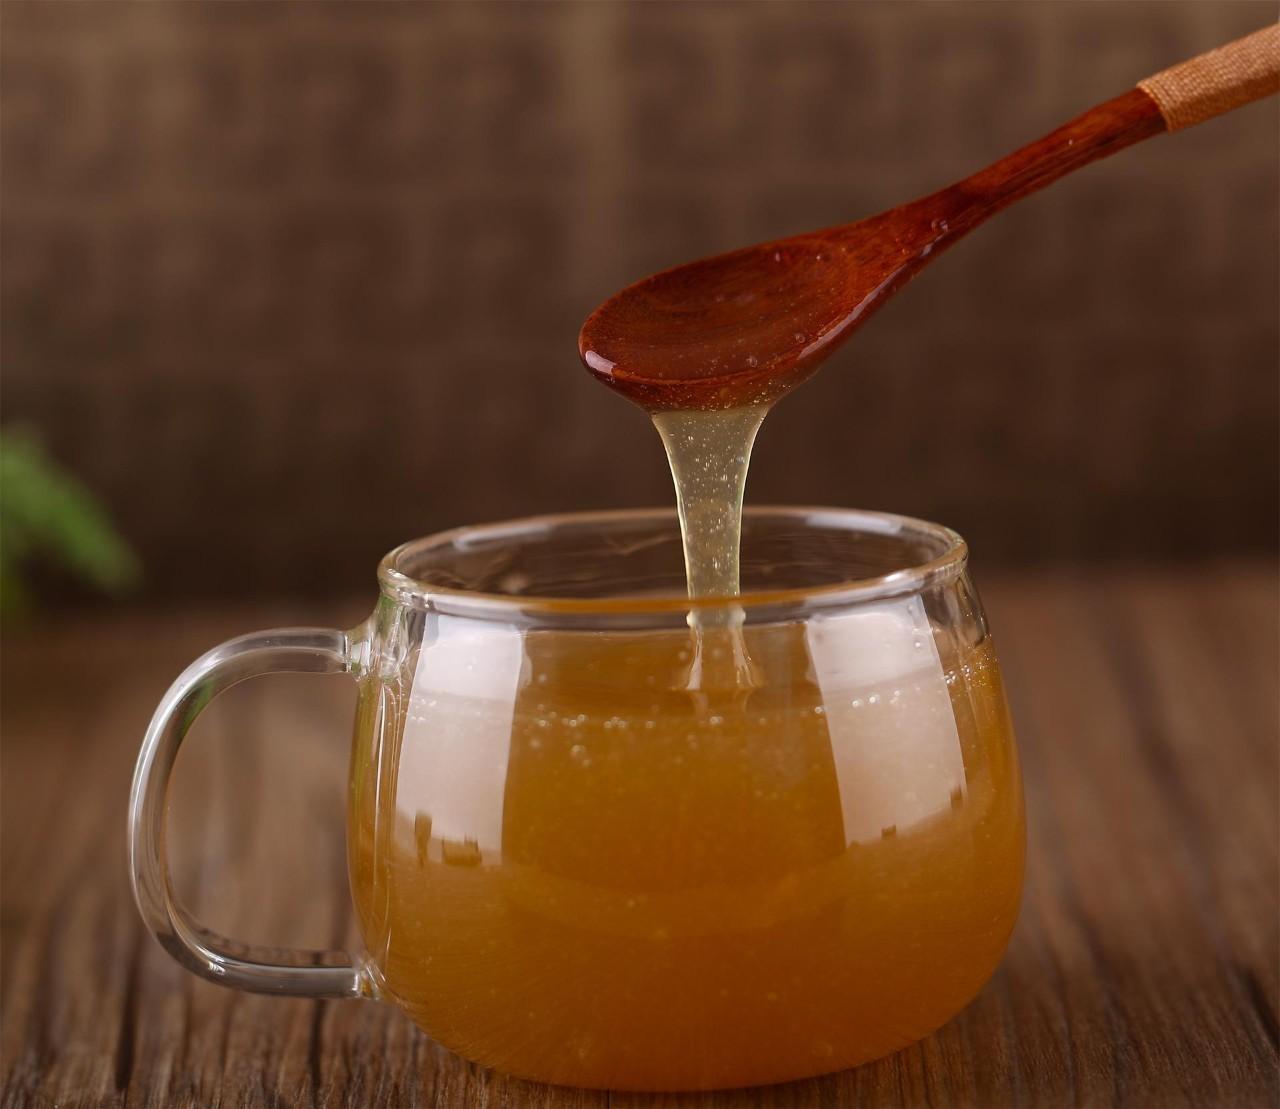 蜂蜜山景区 天喔蜂蜜柚子茶广告曲 北海道限定蜂蜜面膜 胃疼可以喝蜂蜜水 蜂蜜水排毒吗